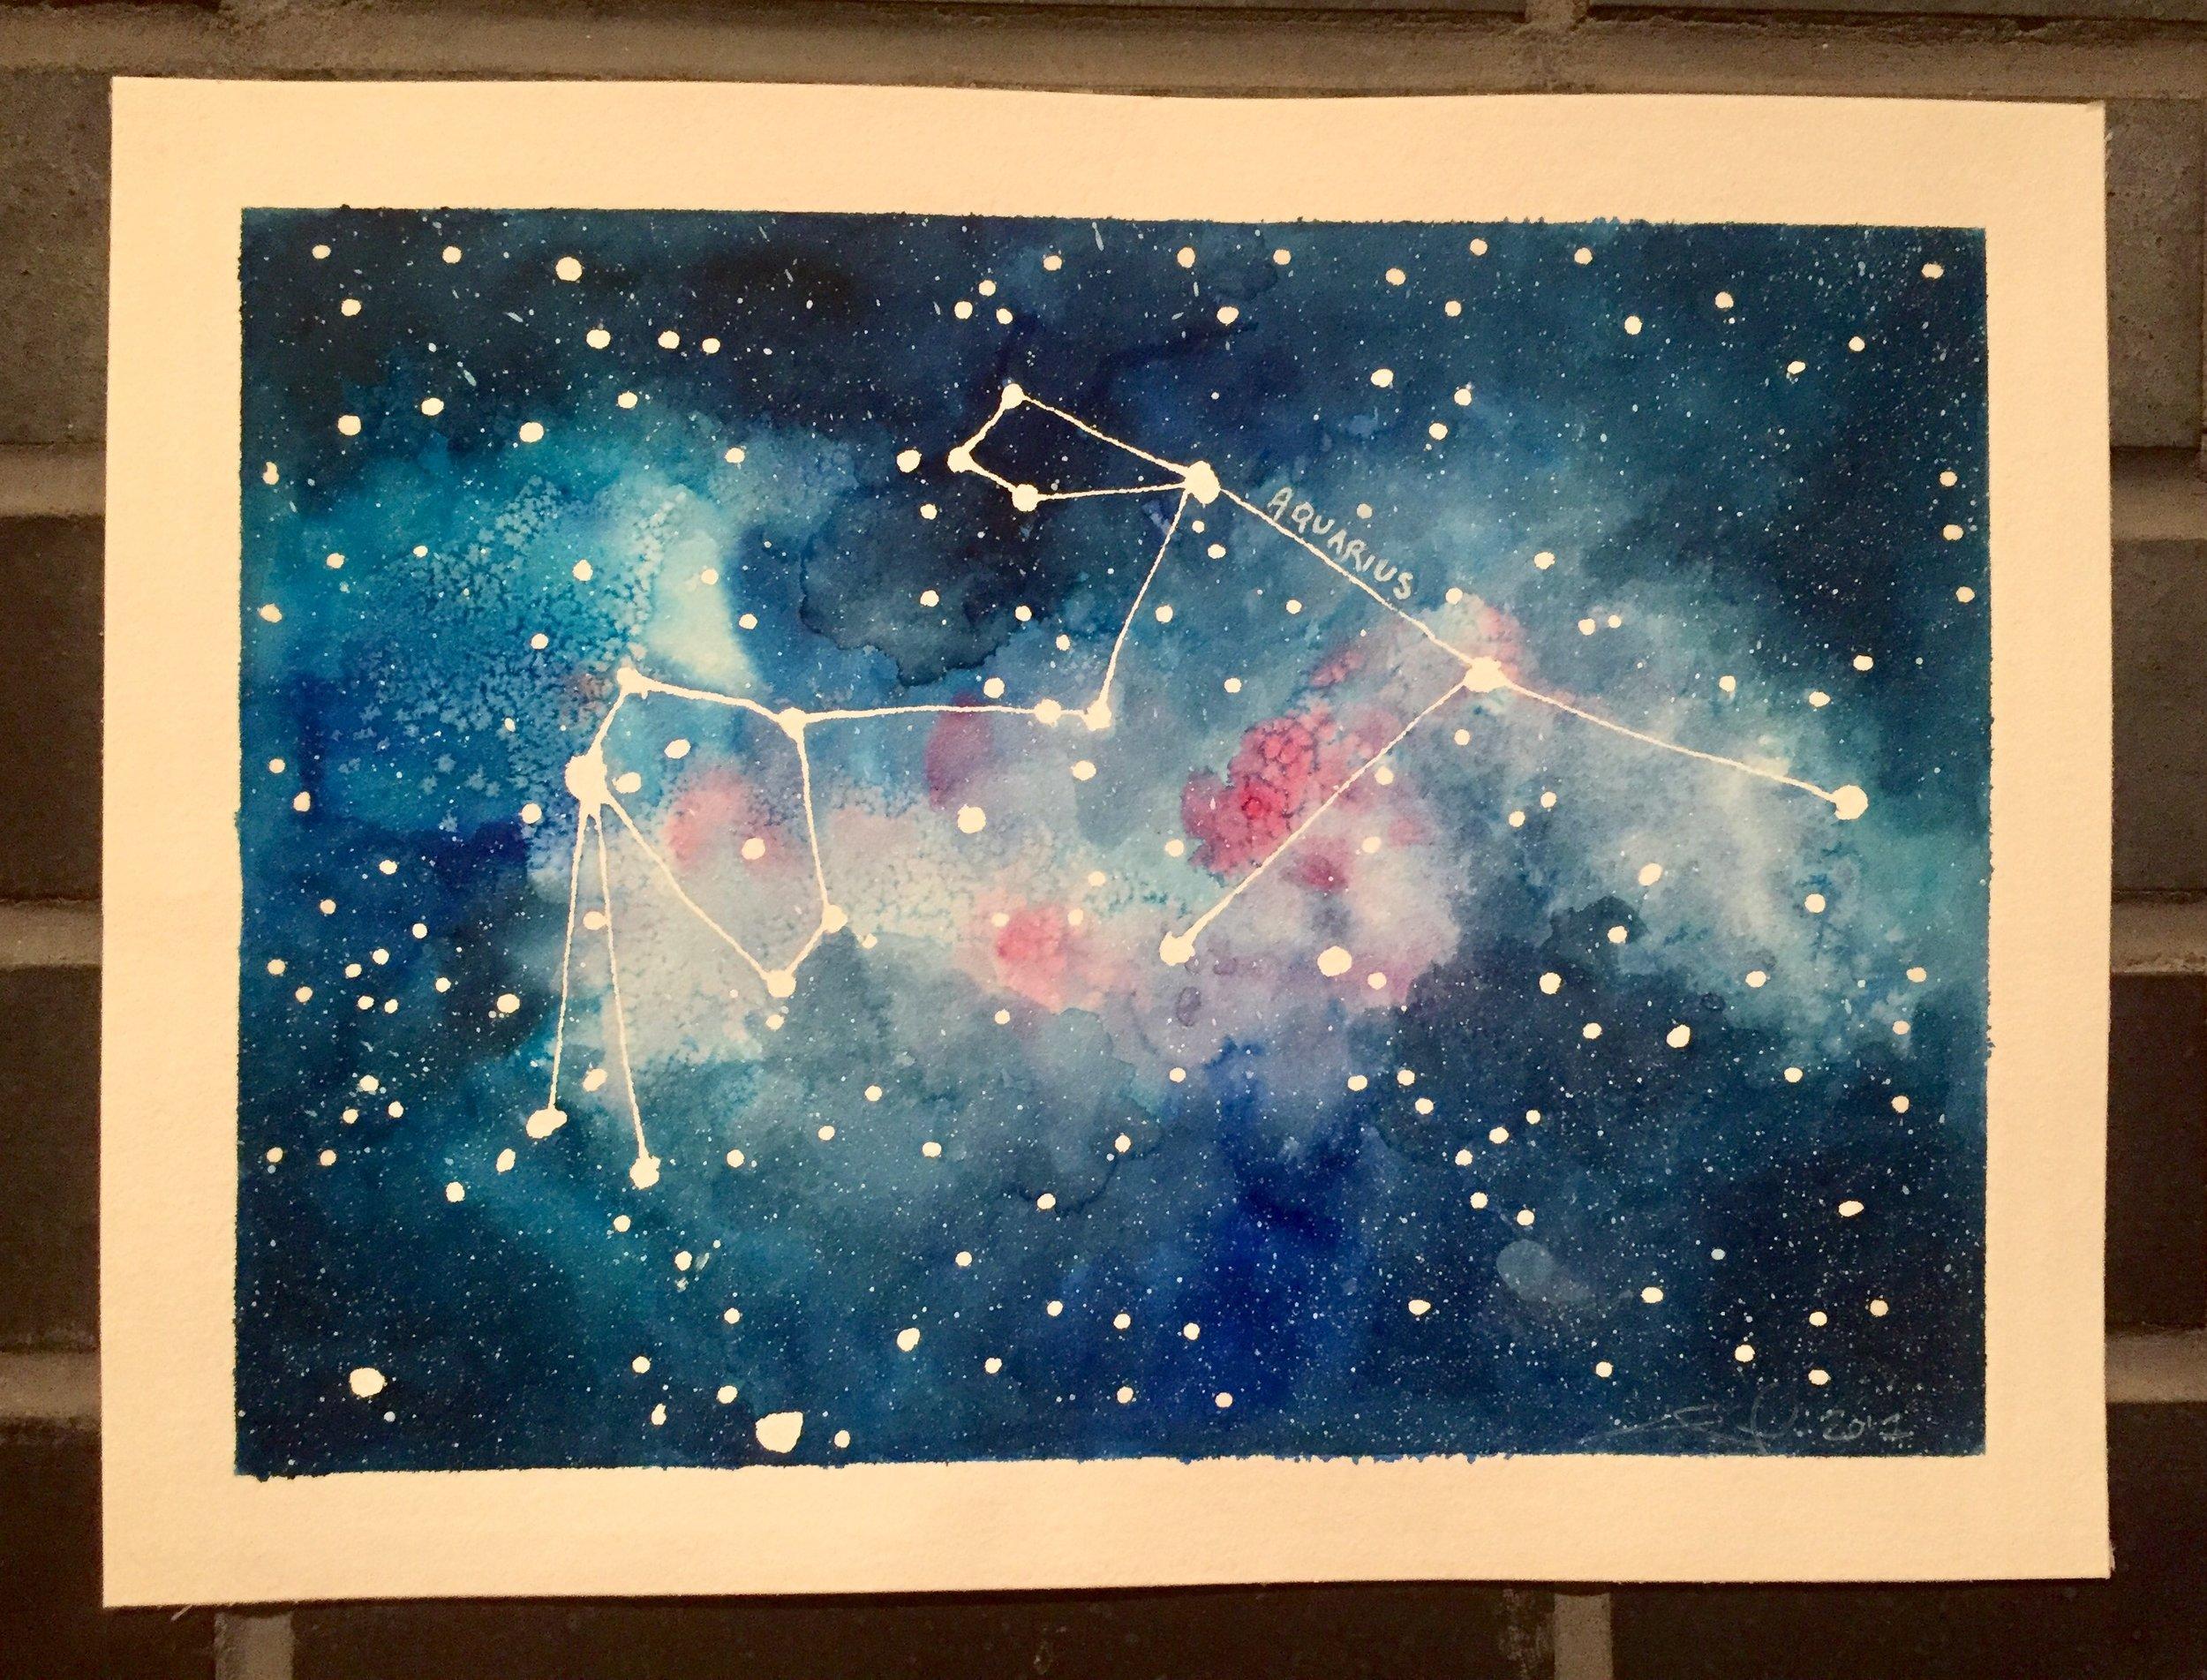 Final constellation